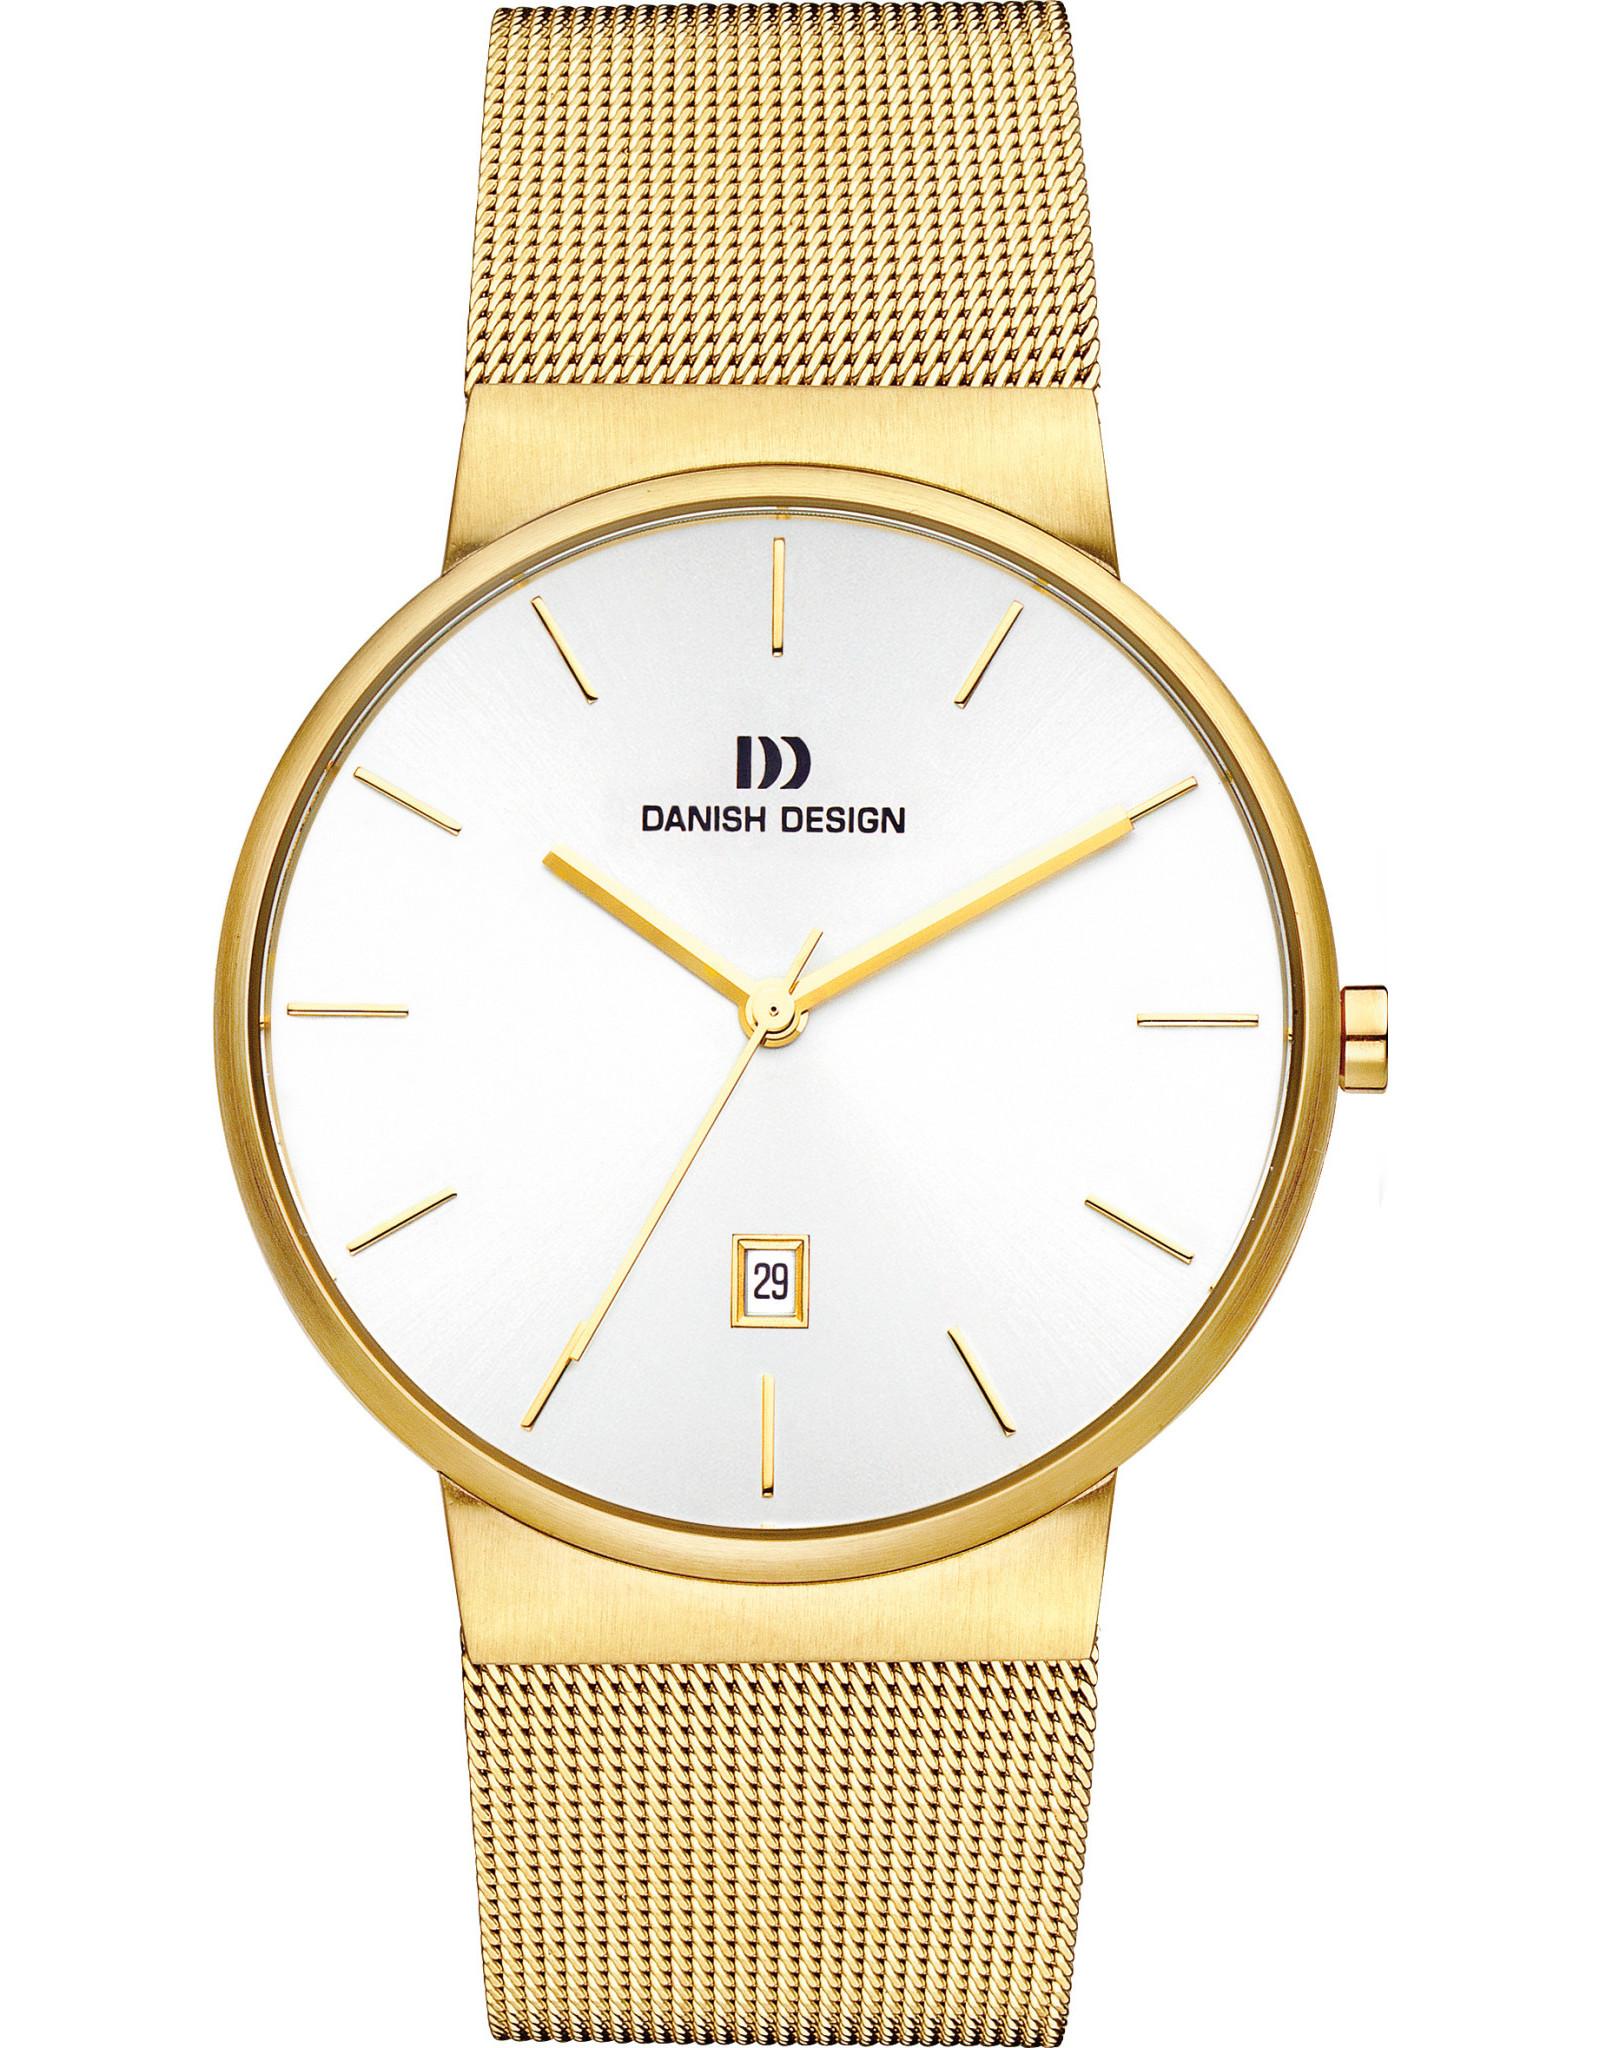 Danish Design Danish Design IQ05Q971